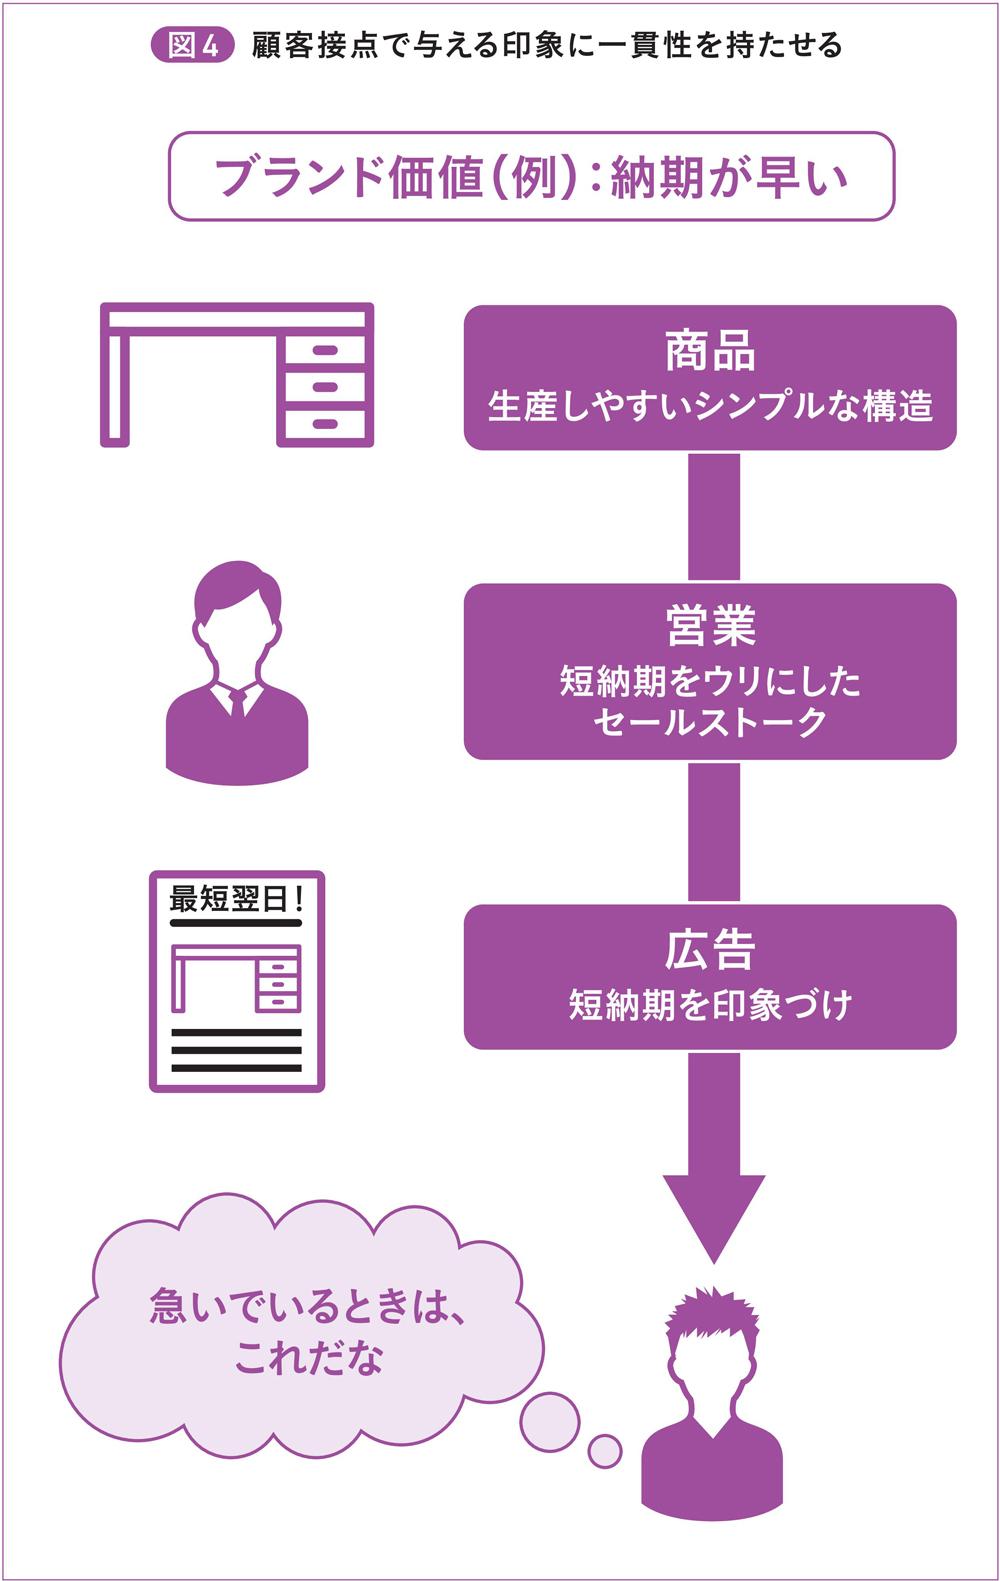 図4 顧客接点で与える印象に一貫性を持たせる